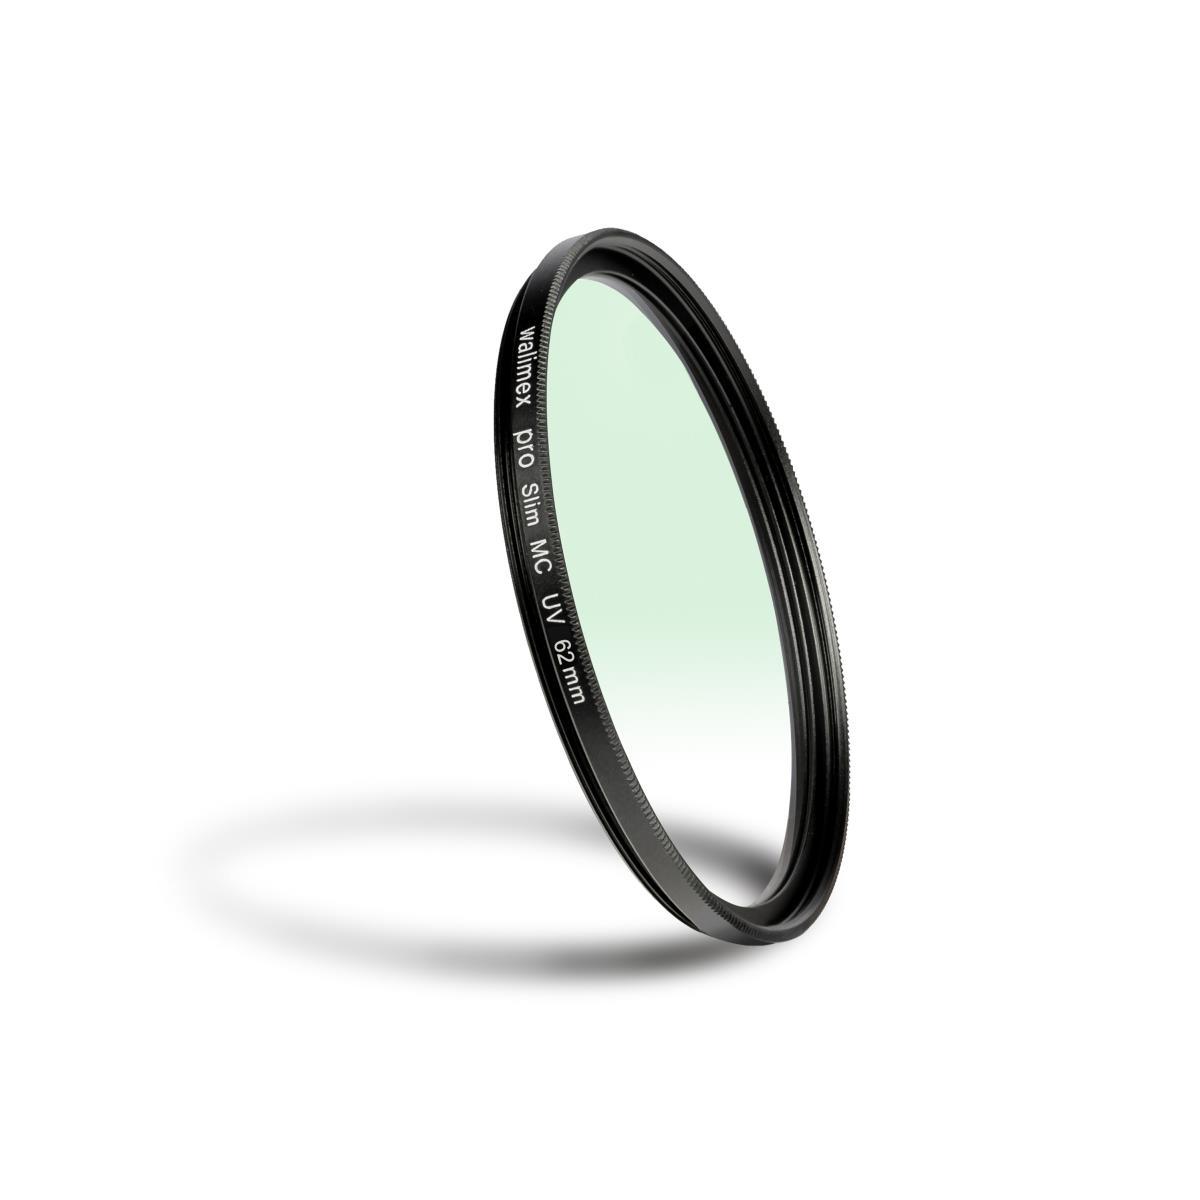 Walimex pro UV-Filter slim MC 62mm